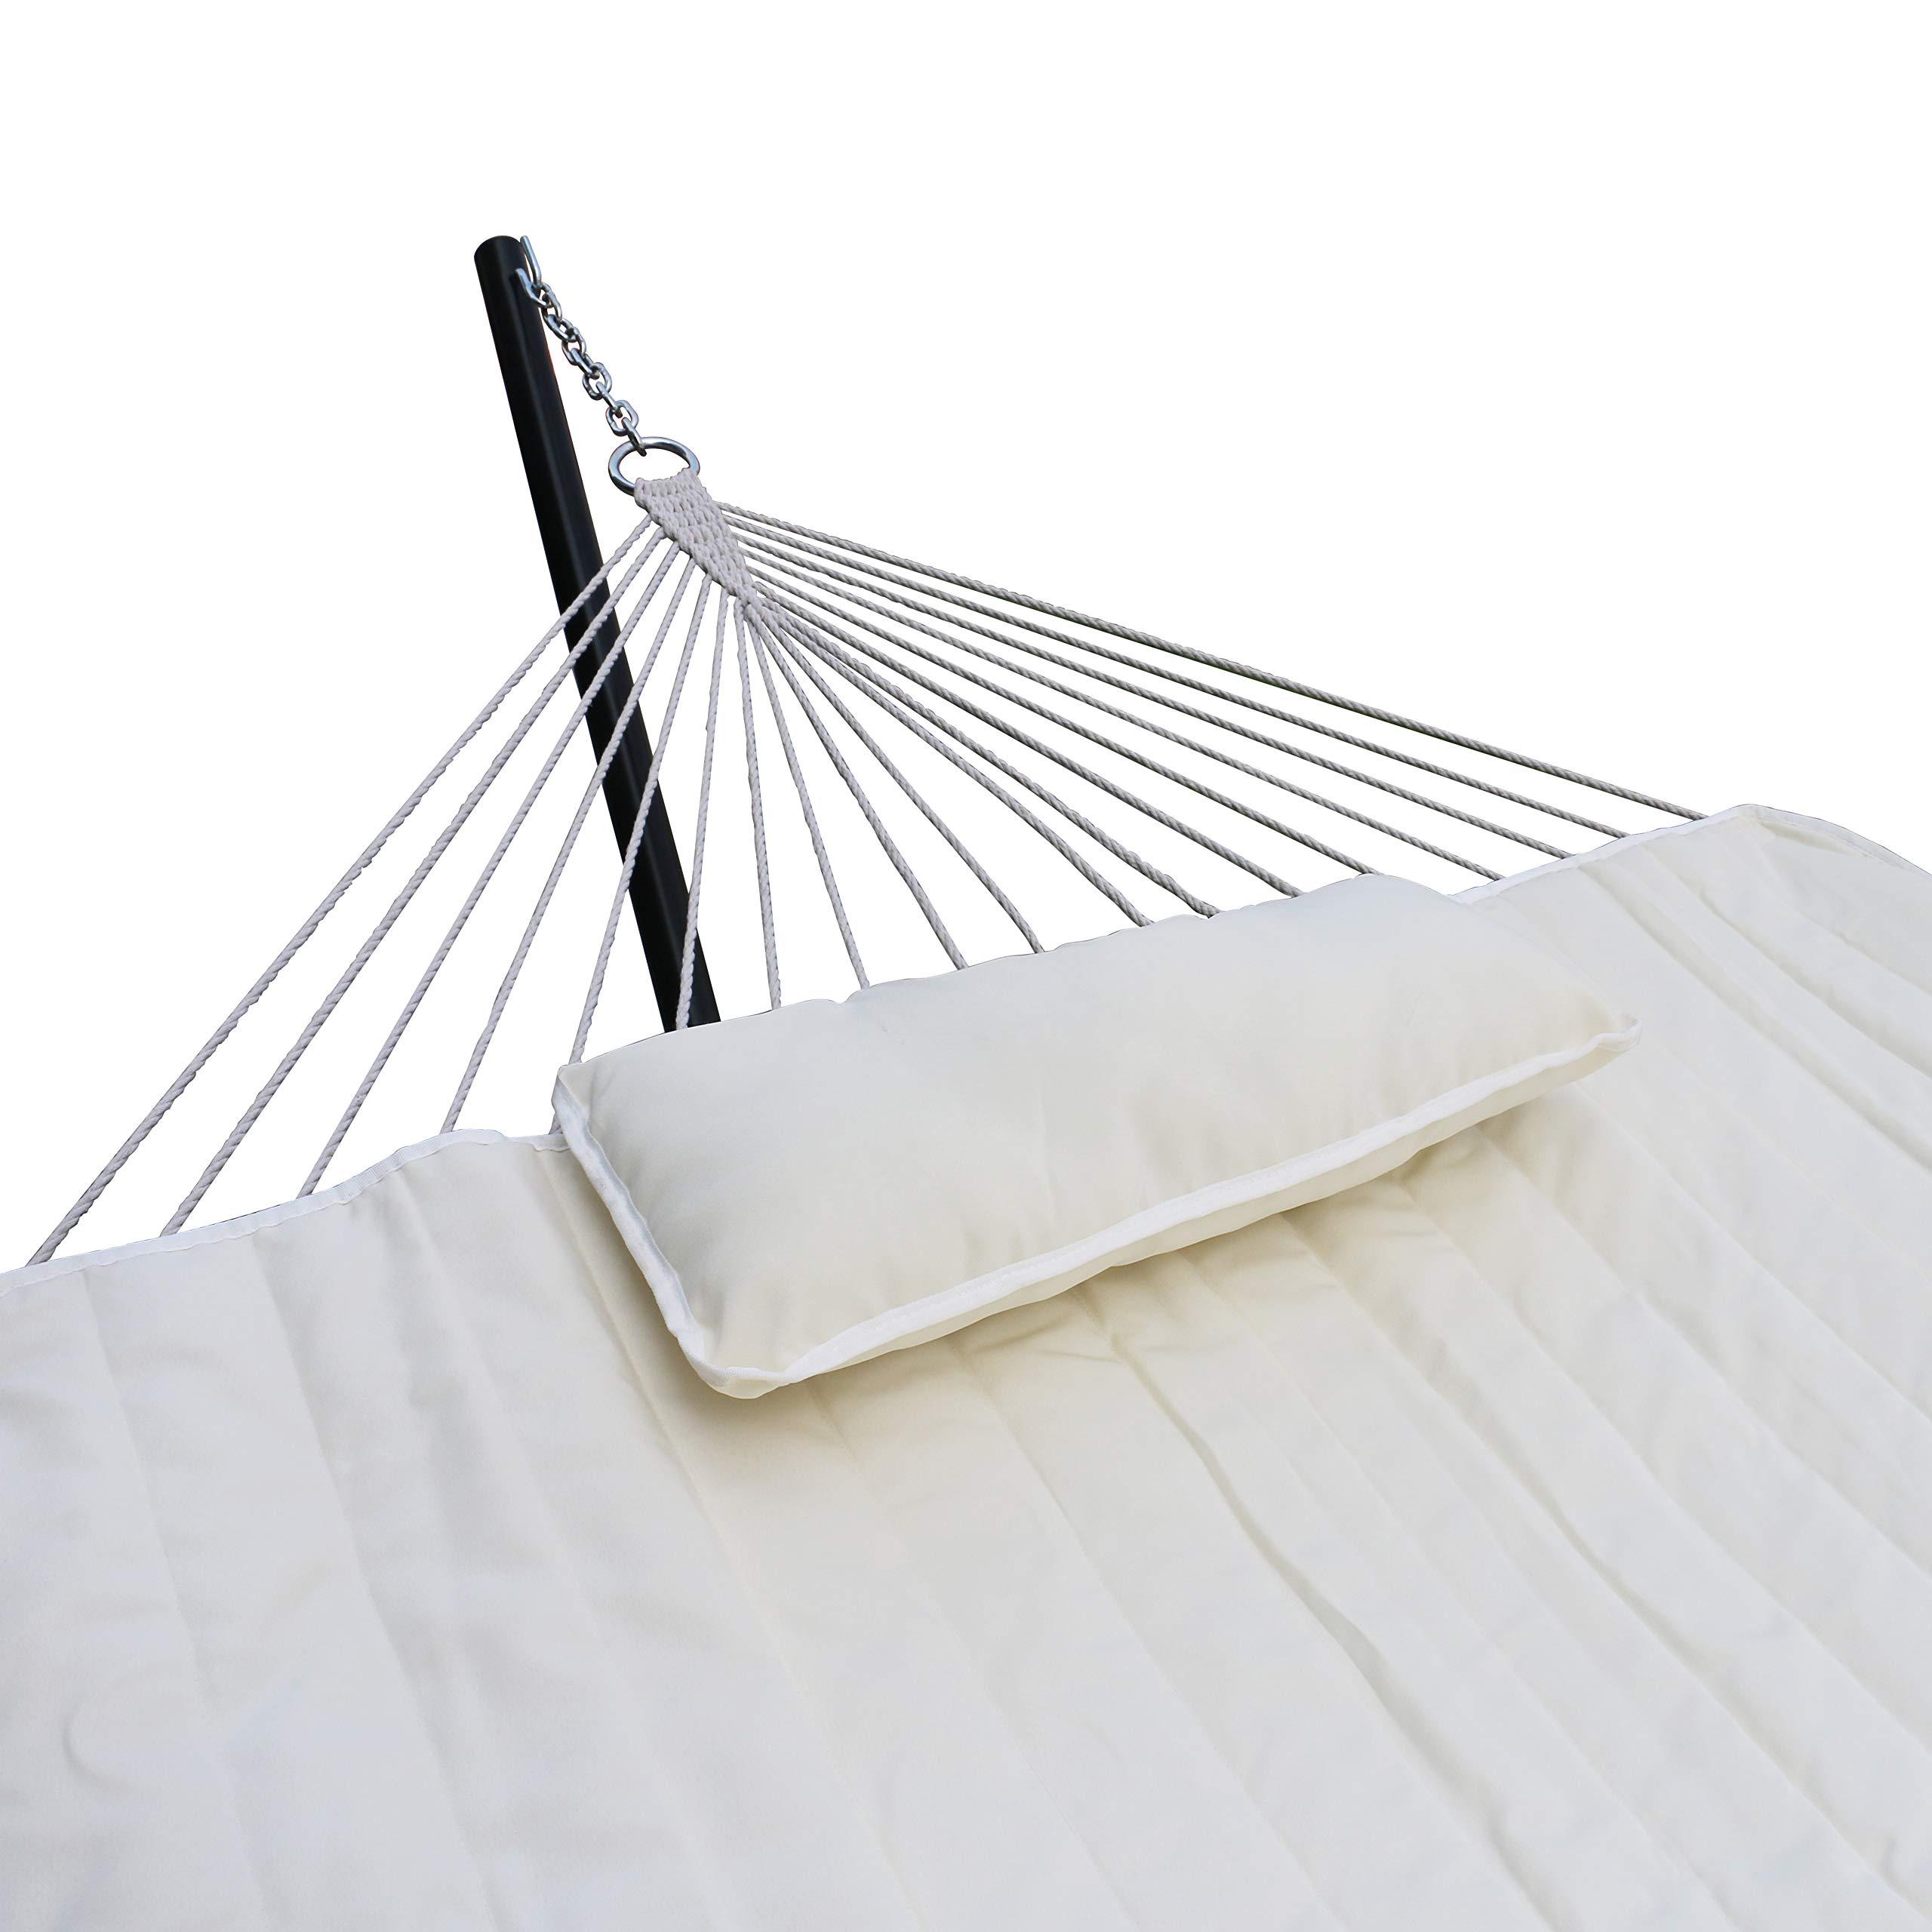 YOUKE Hamaca Doble con Soporte para 2 Personas, 200 × 150 cm, Elegante Diseño de Guitarra, Hamaca para Viaje, Balcón, Terraza, Columpio, Jardín, Carga máx. 200 kg, : Amazon.es: Jardín